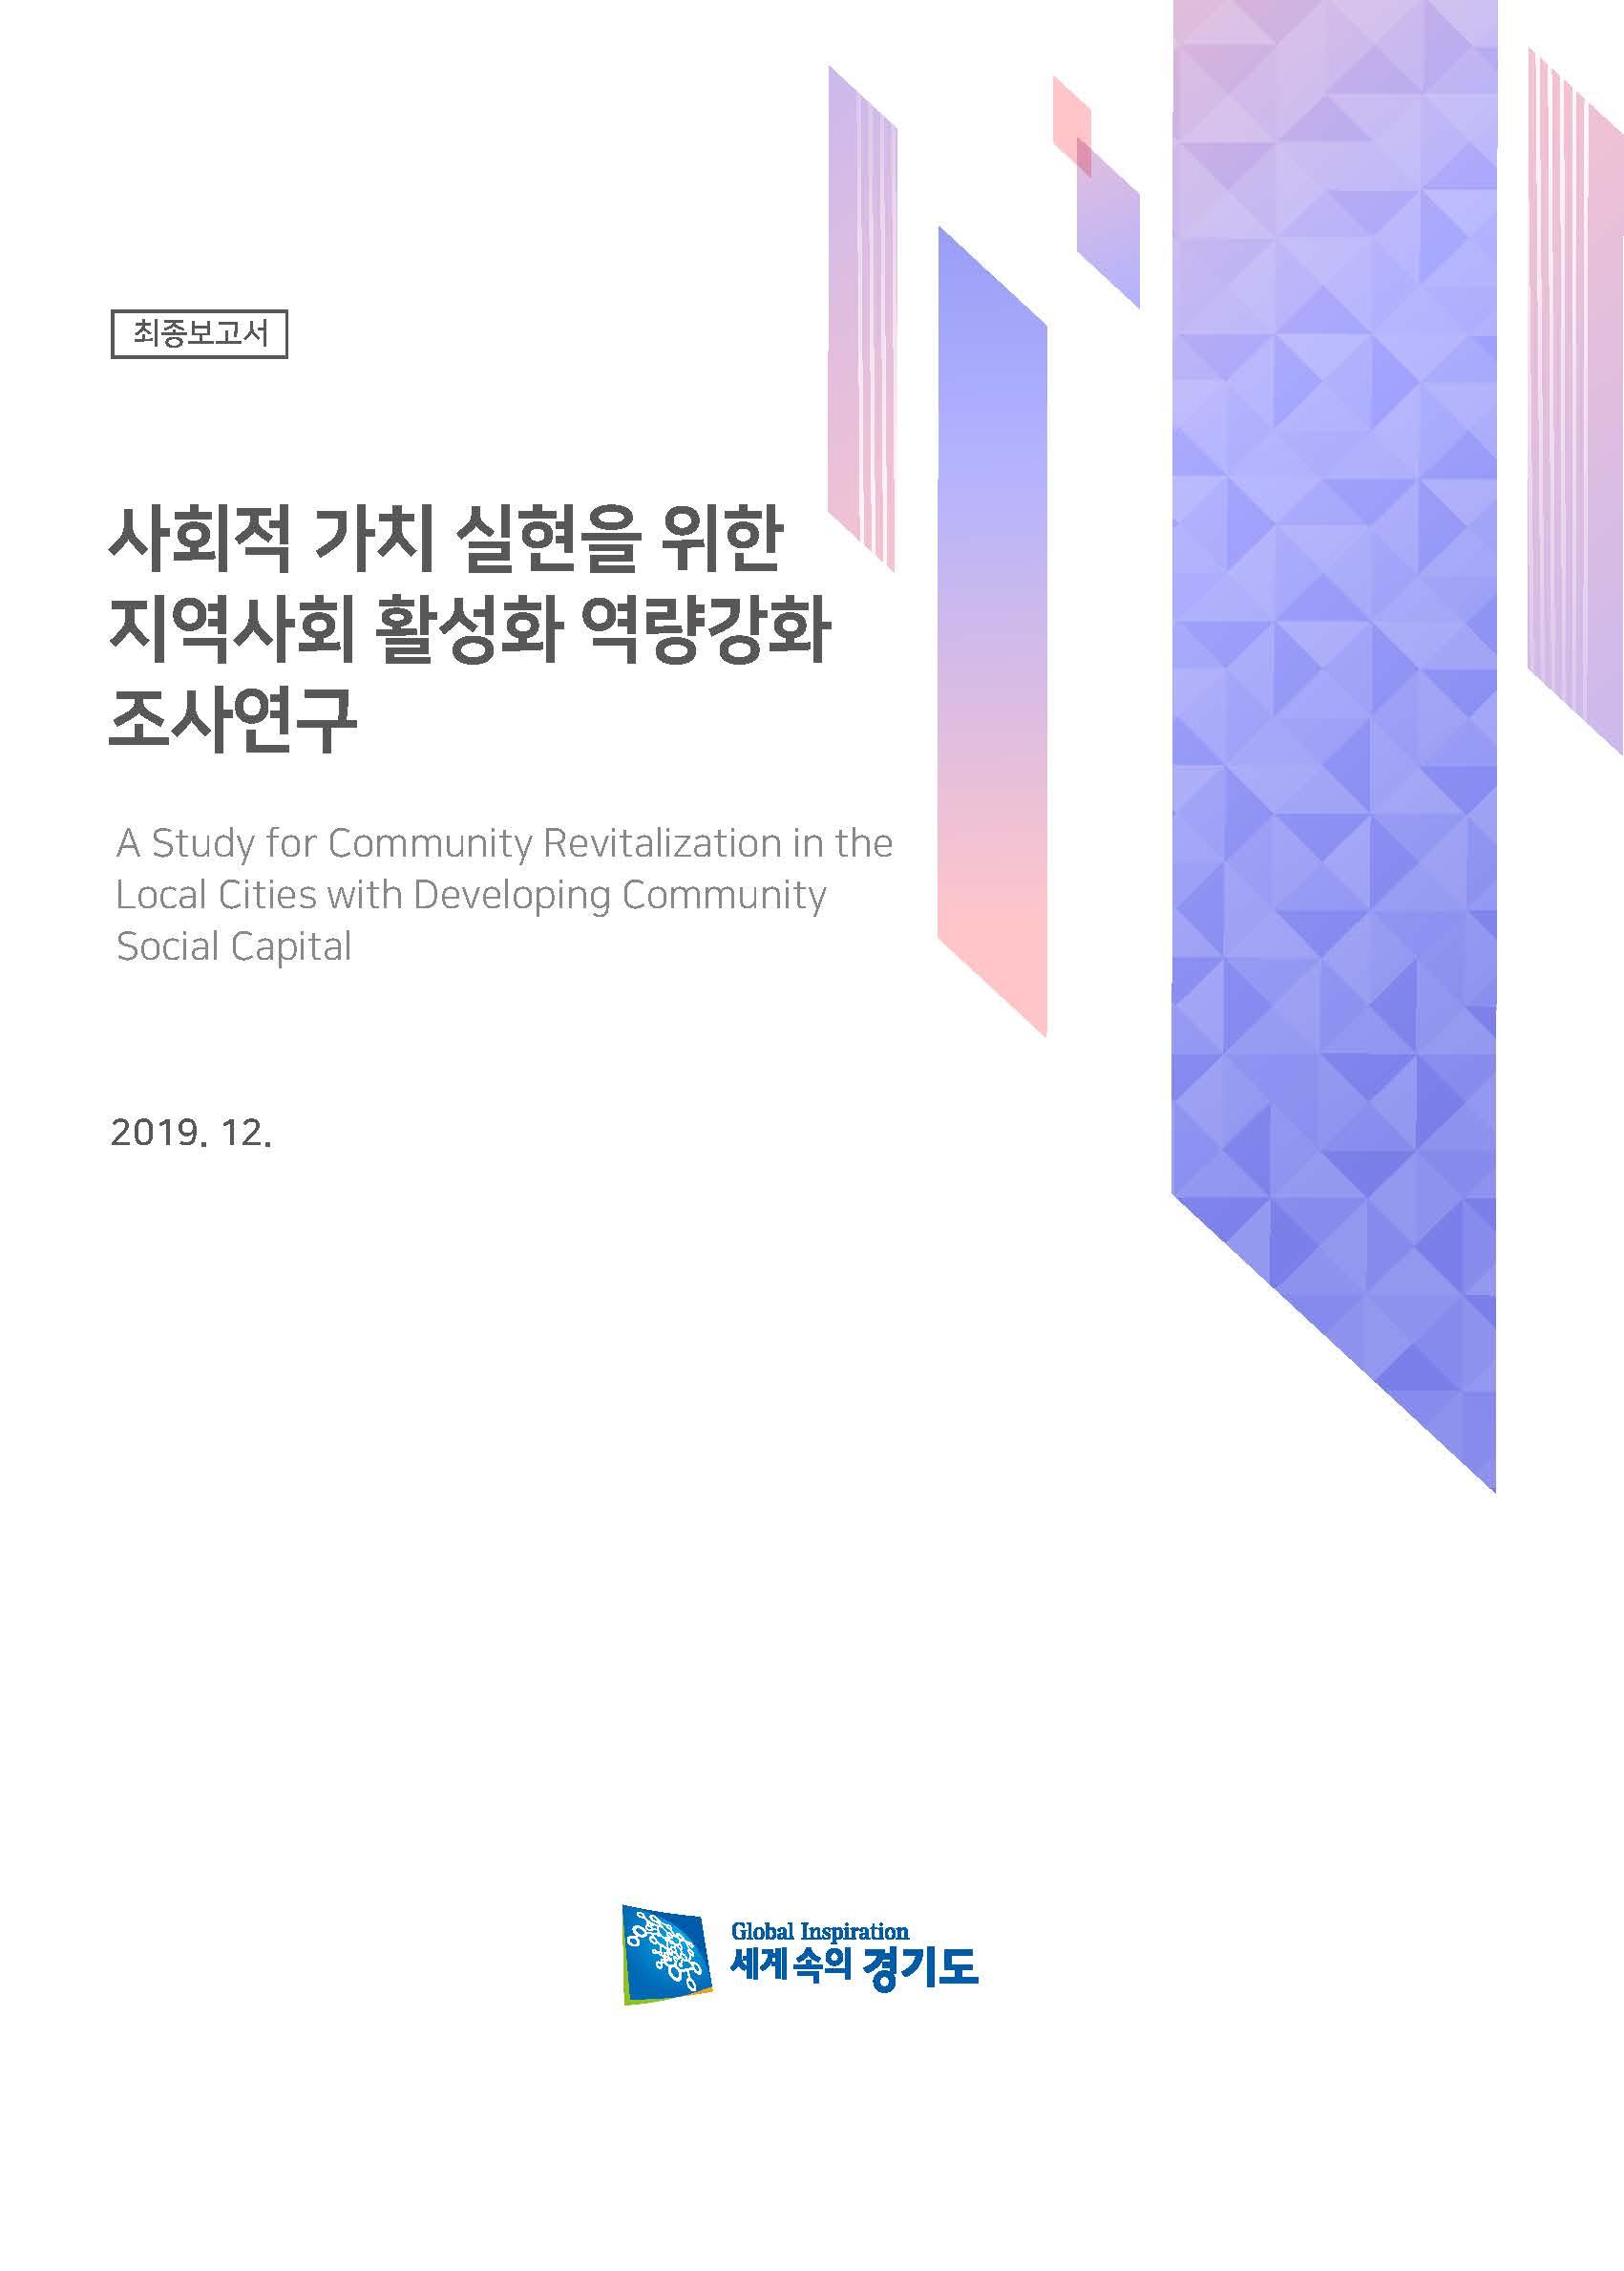 사회적가치 실현을 위한 지역사회 활성화 역량강화 조사연구